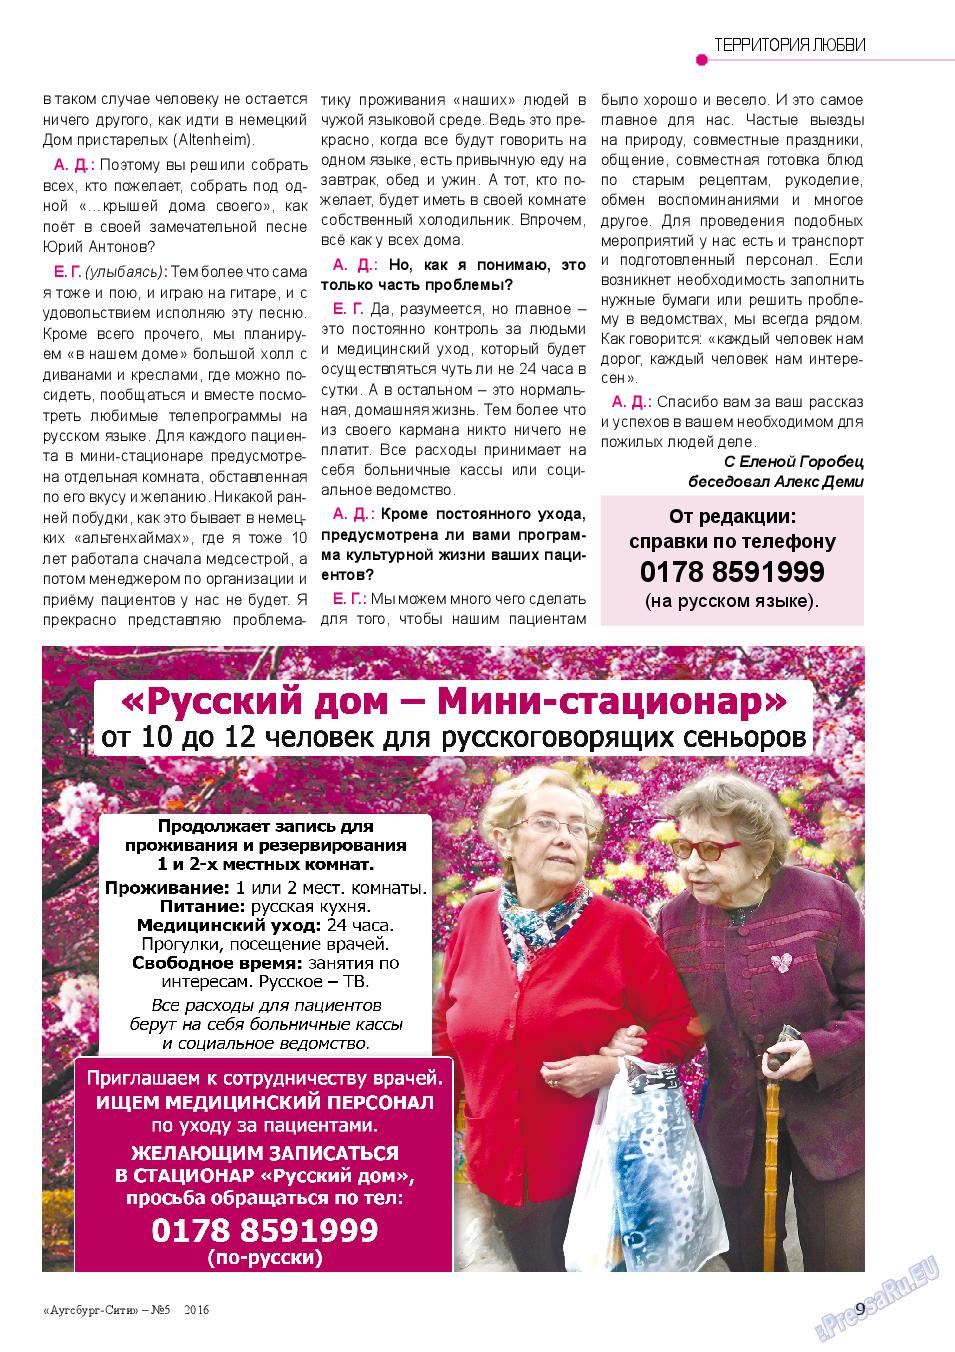 Аугсбург-сити (журнал). 2016 год, номер 5, стр. 9